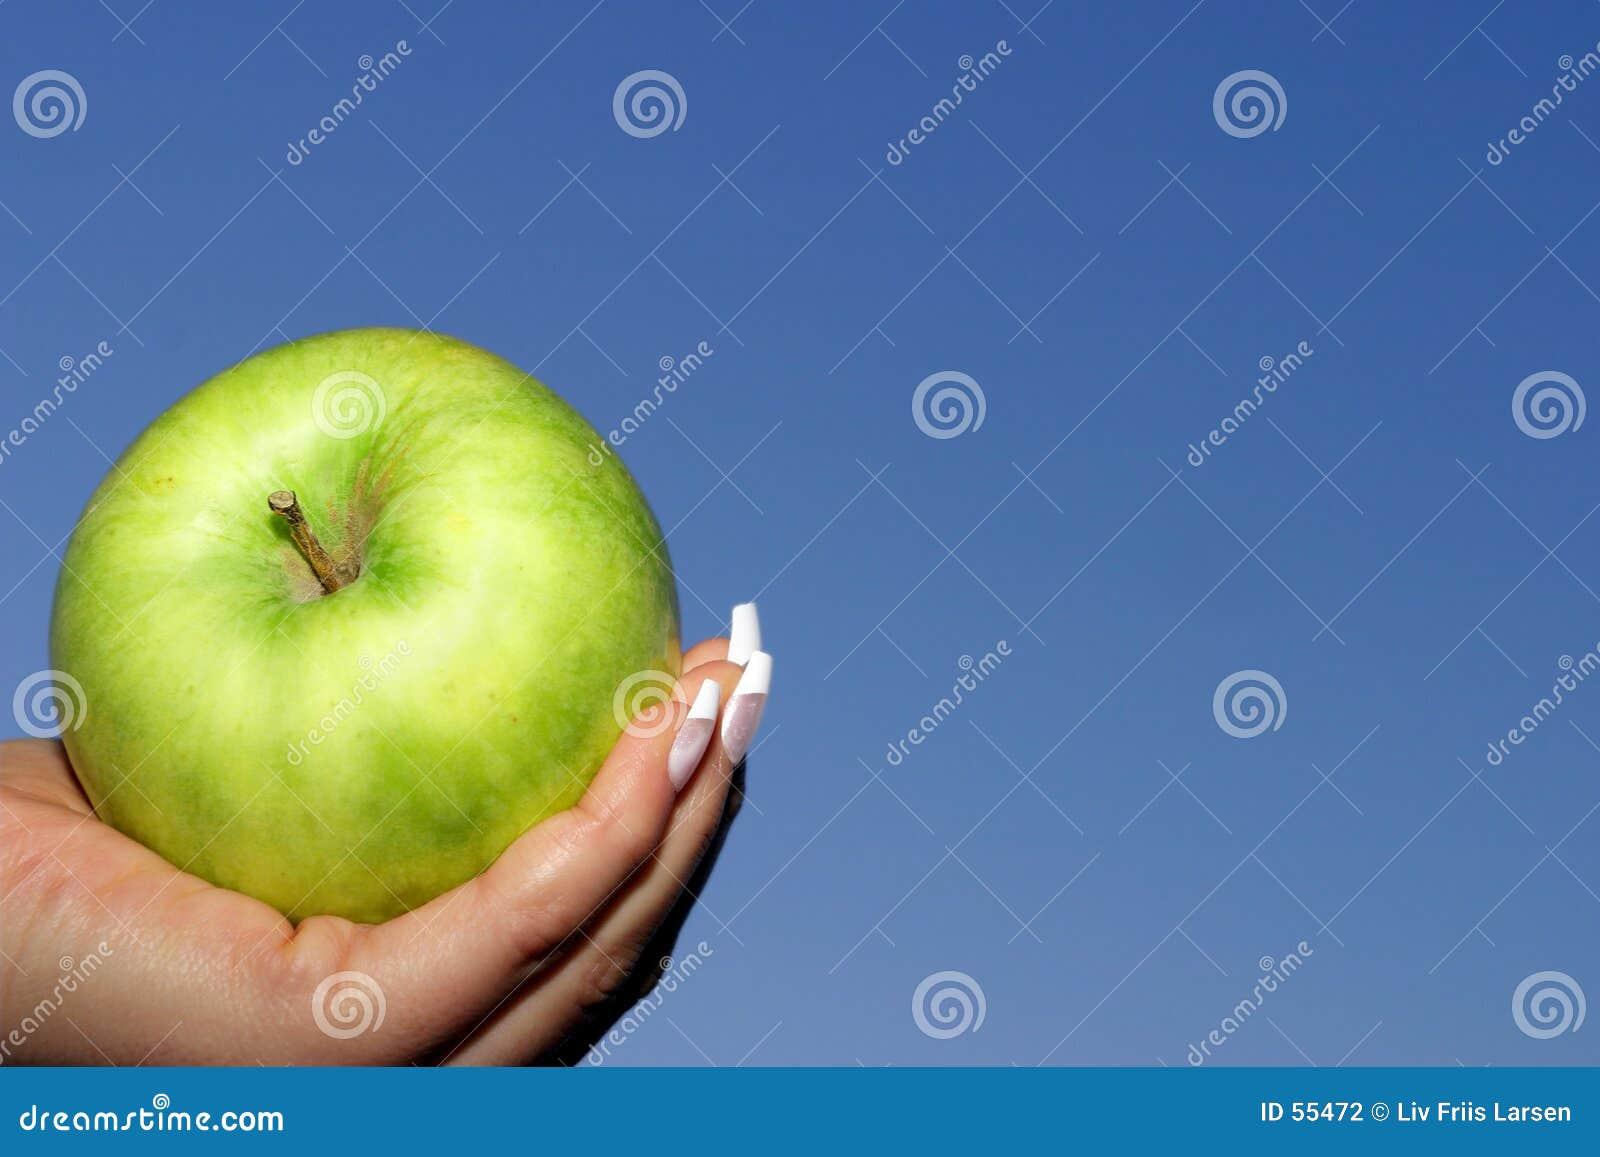 Manzana verde, cielo azul